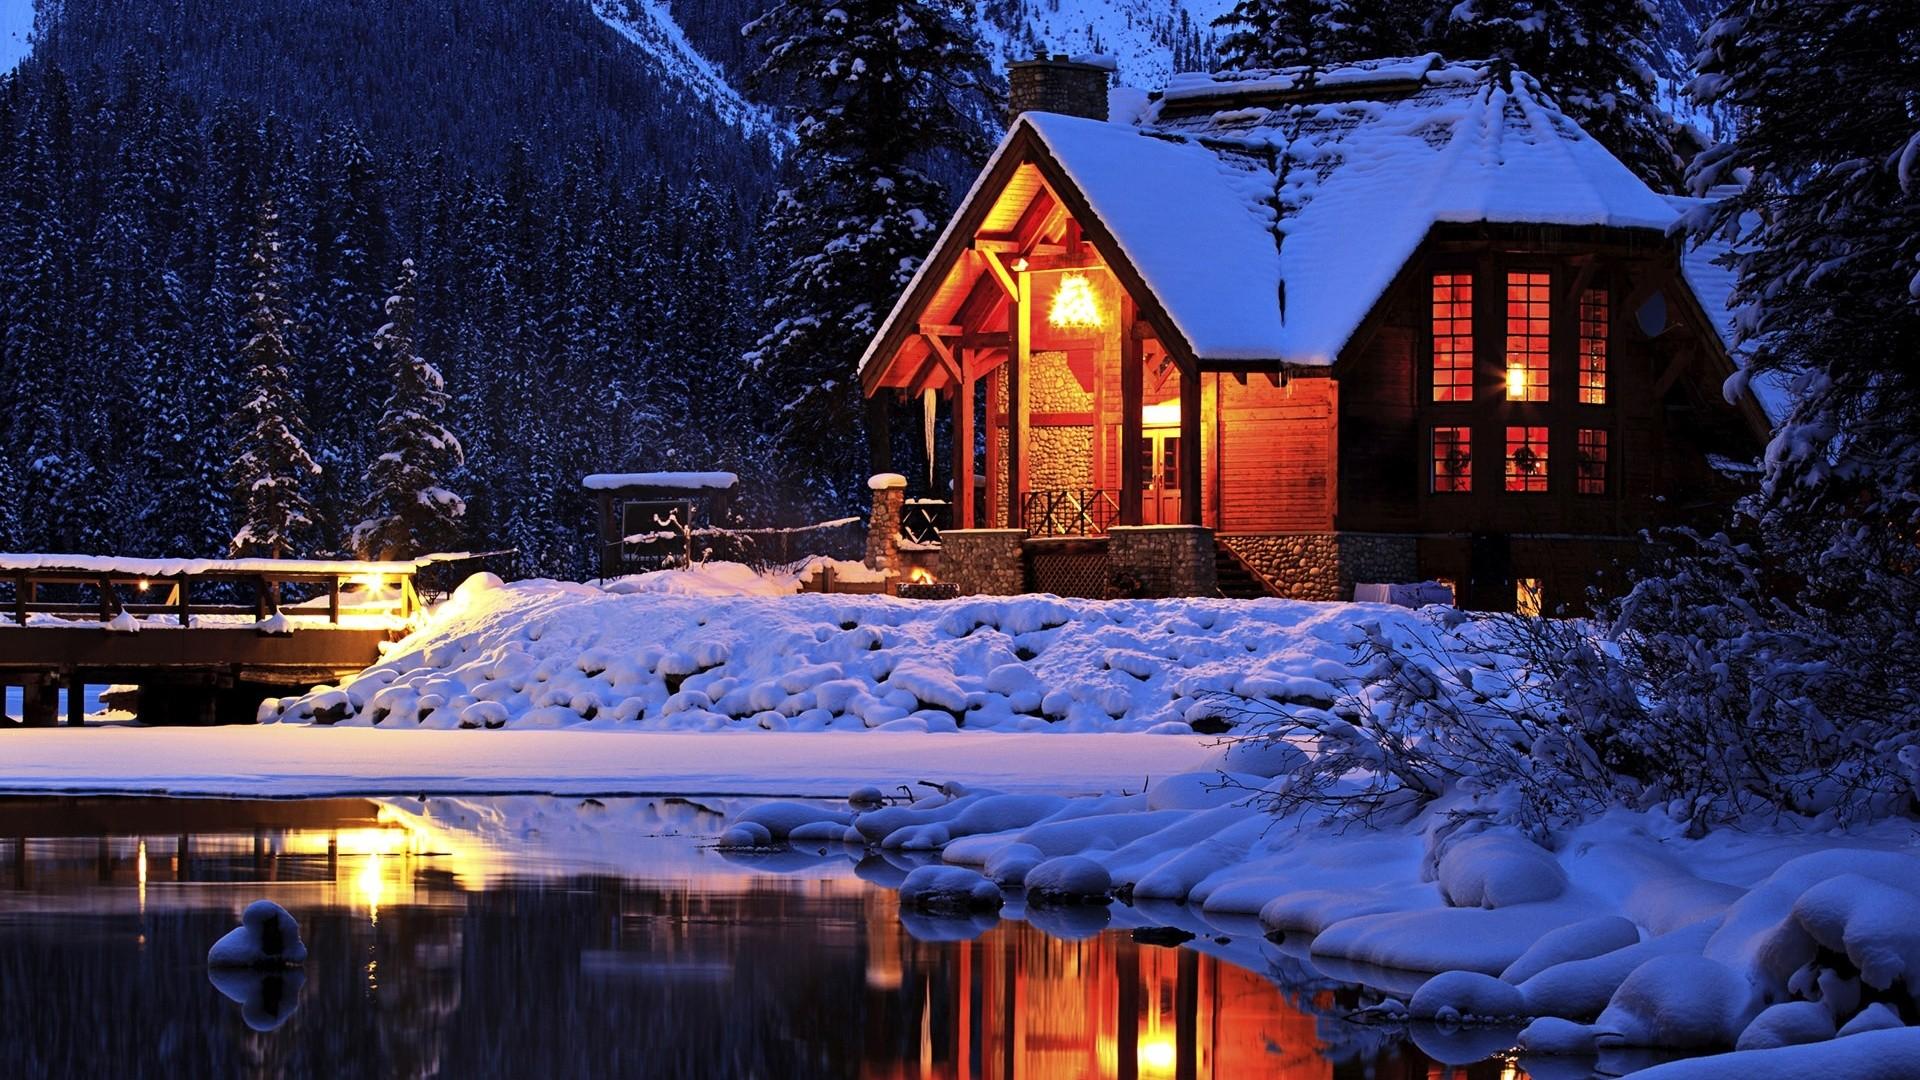 Cozy House Outside Image